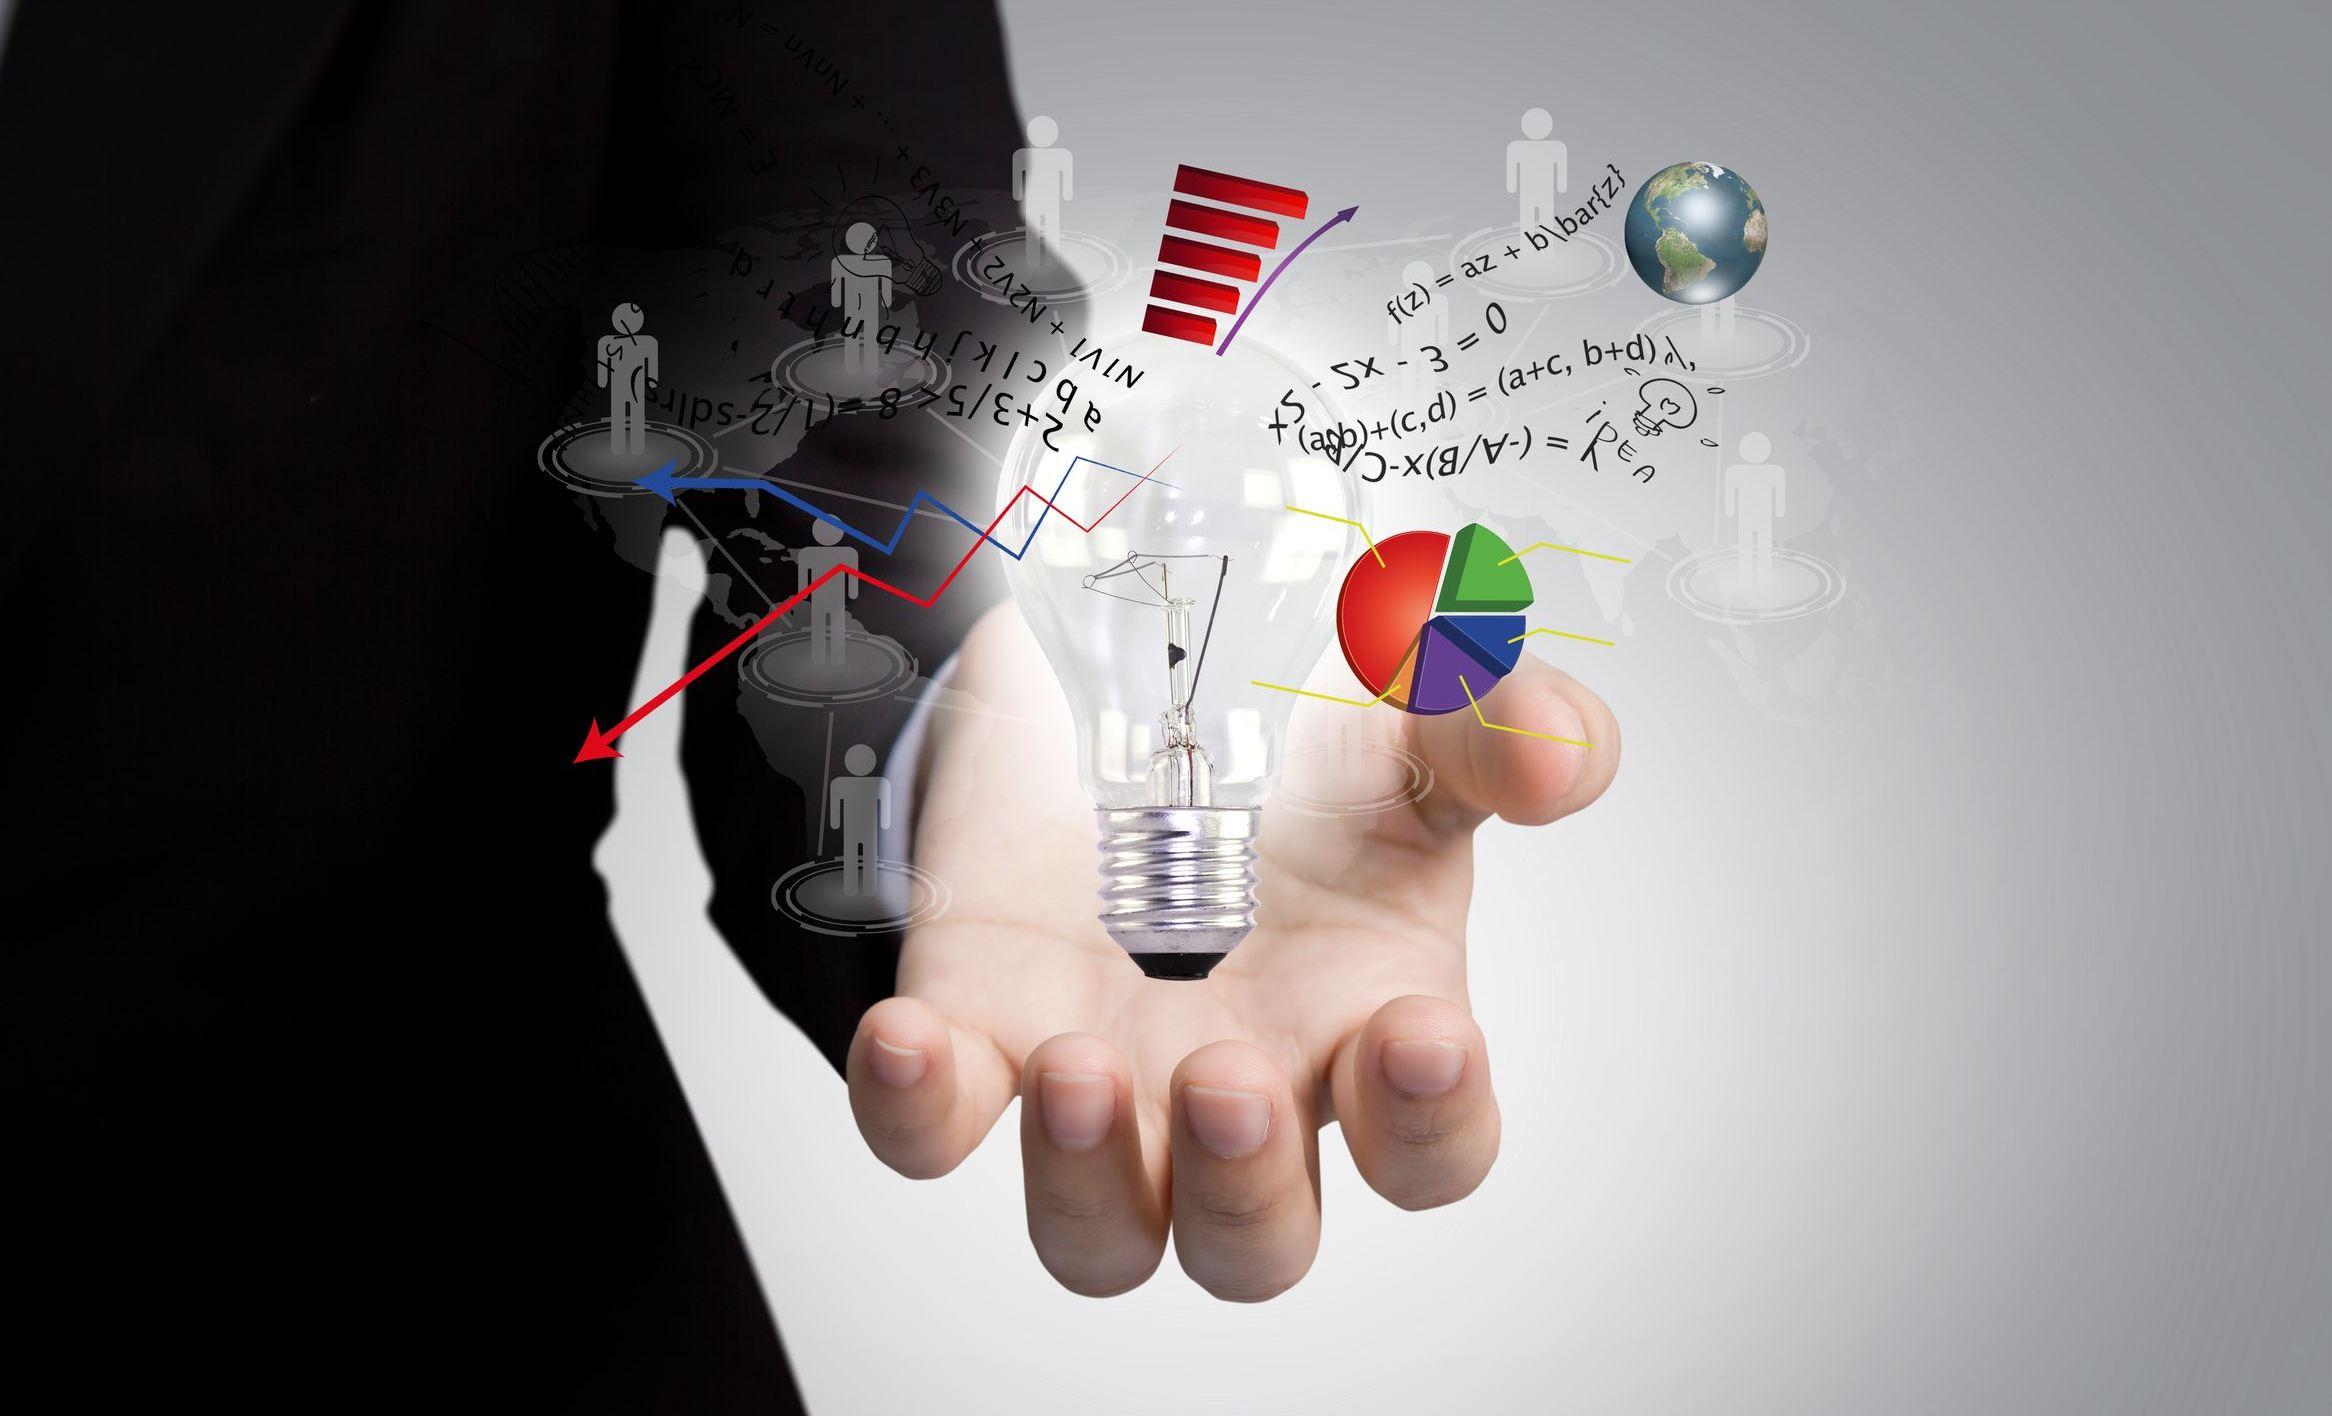 маркетинг, основы маркетинга, маркетинг примеры